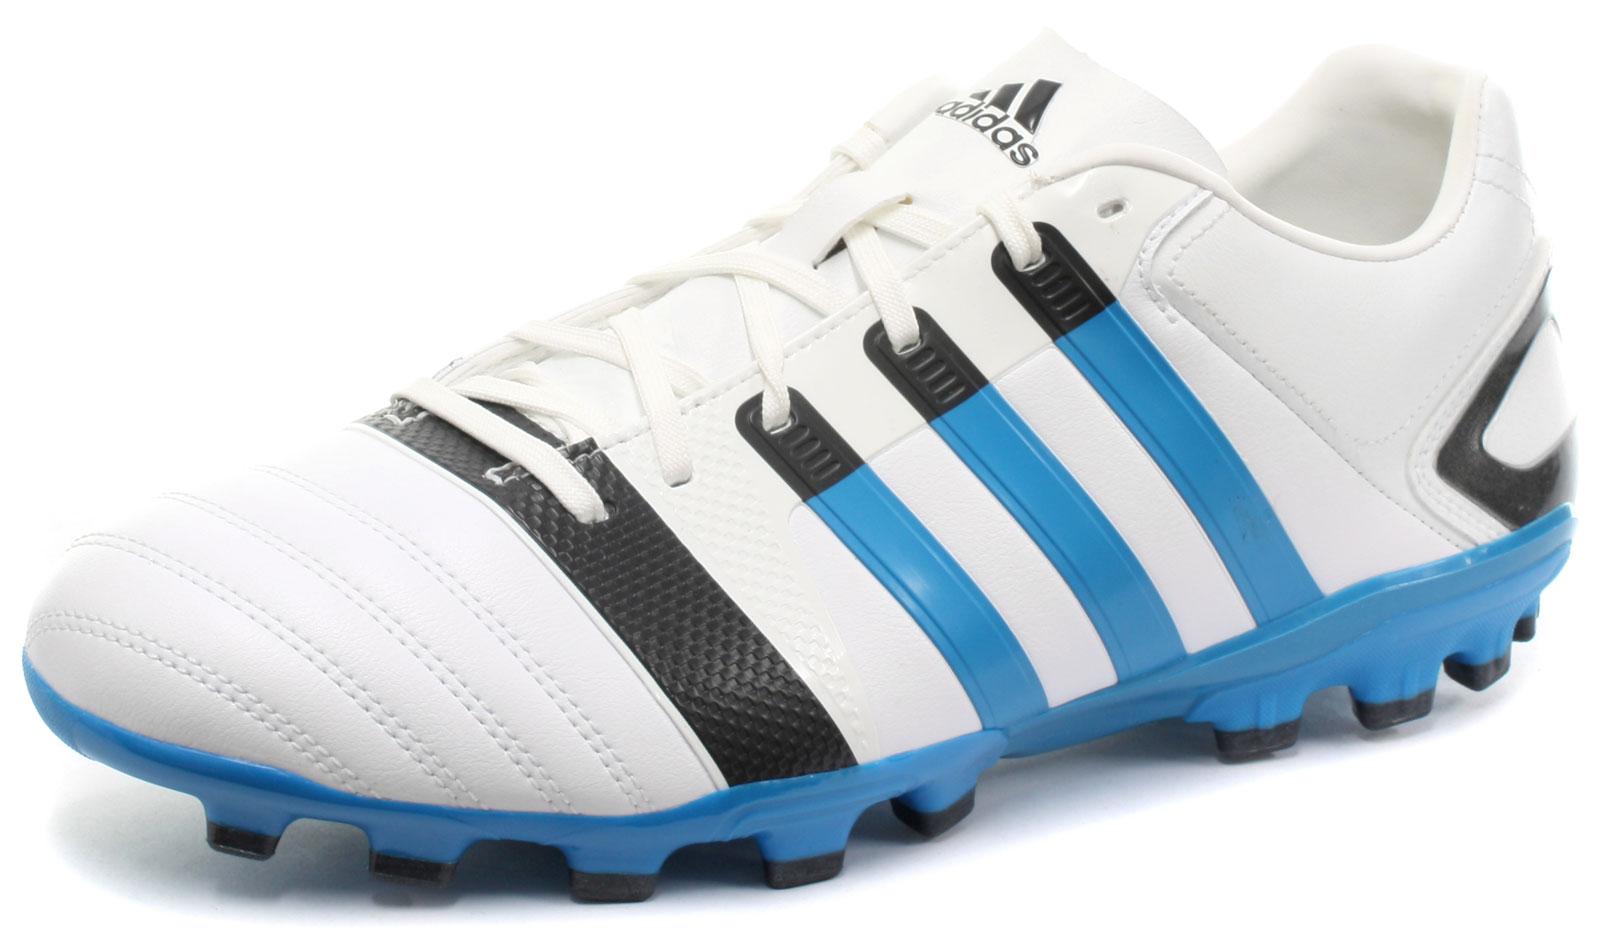 sale retailer a69f0 7f1ac Nouveau Adidas FF80 Pro TRX Ag II Hommes Chaussures de Rugby Toutes les  Tailles